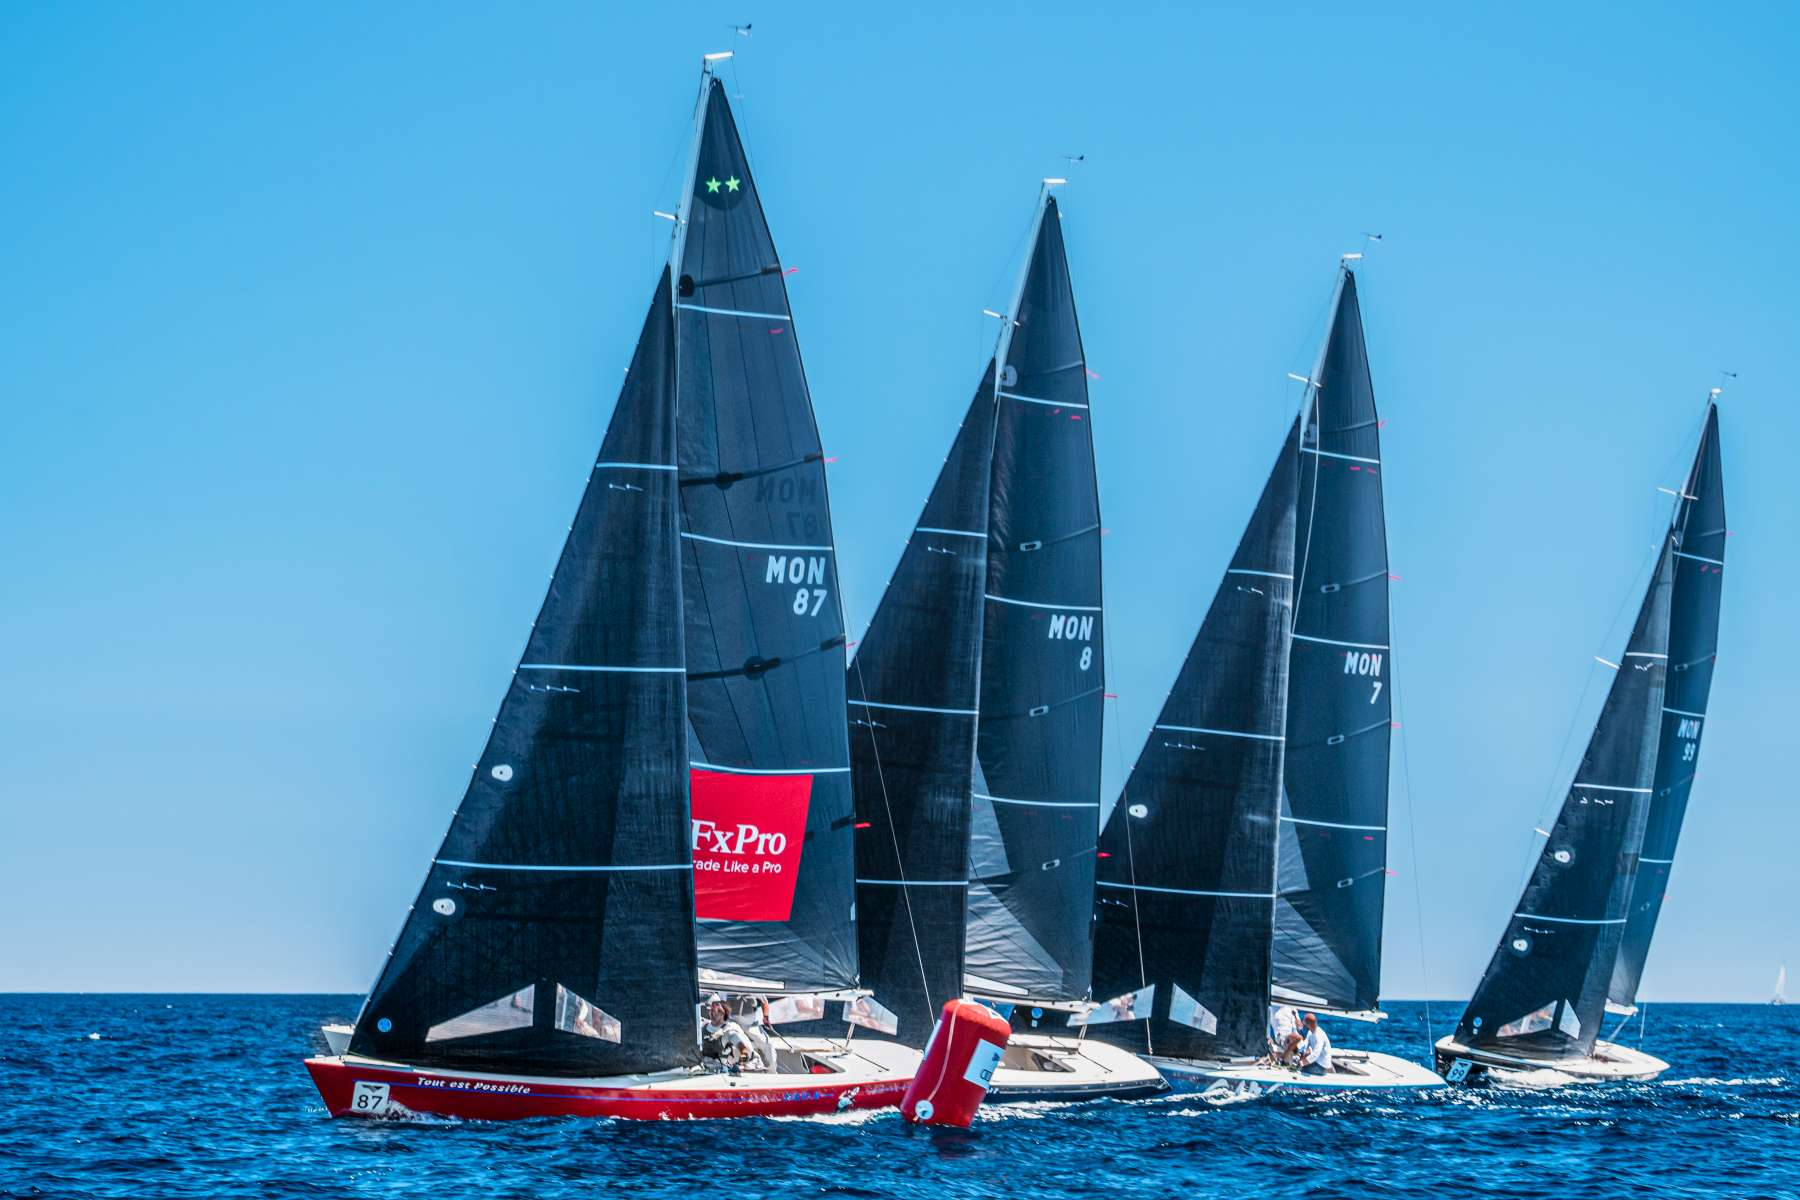 Coppa Europa Smeralda 888, iniziano oggi le regate - NEWS - Yacht Club Costa Smeralda